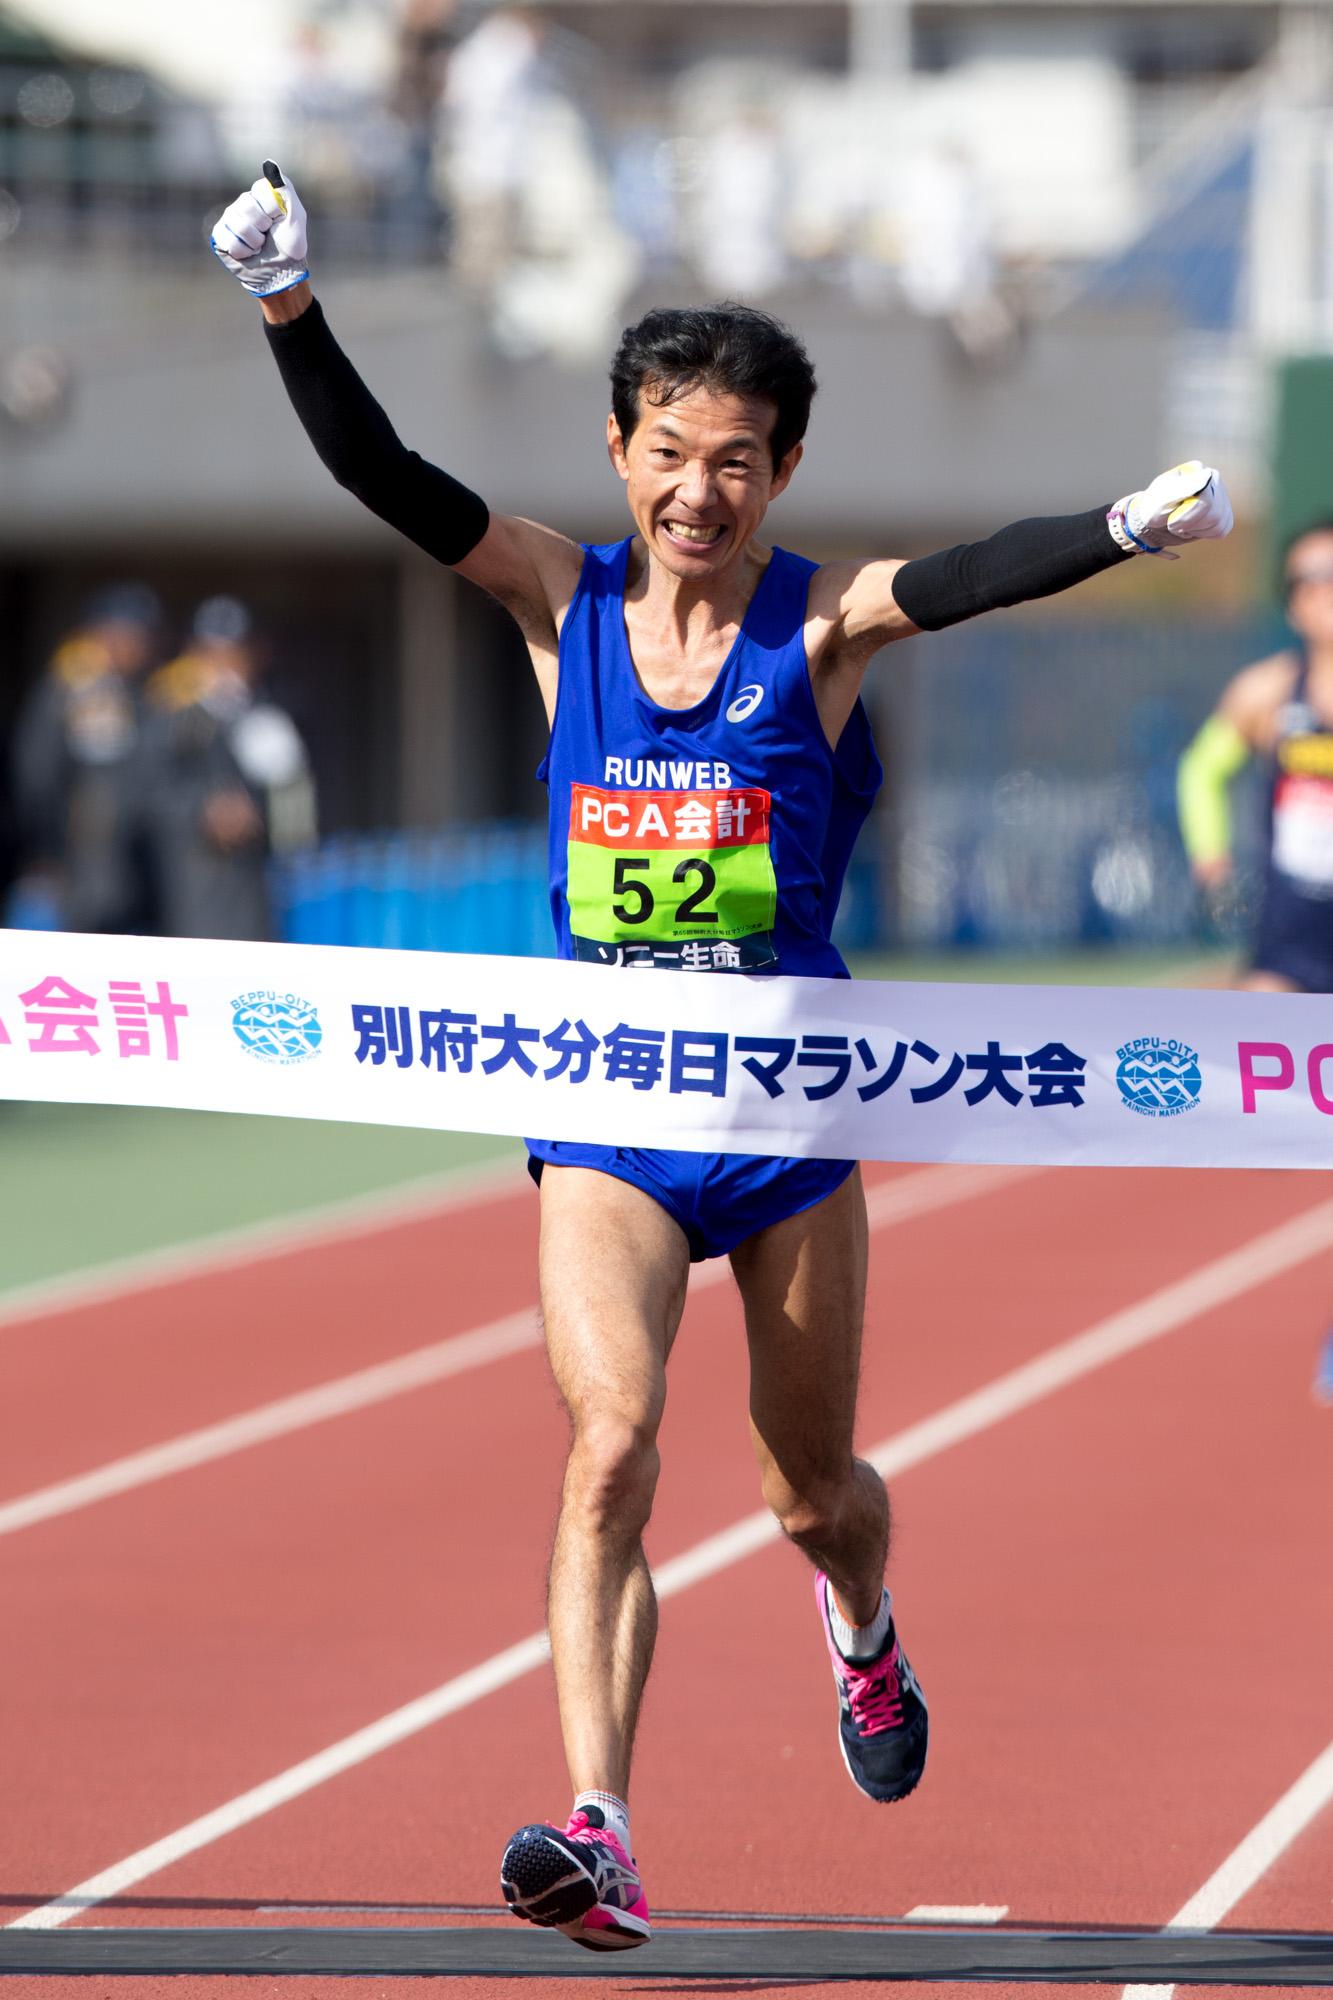 北京大会では伴走者として走り、ロンドン大会では4位だったベテランの岡村(撮影:越智貴雄)